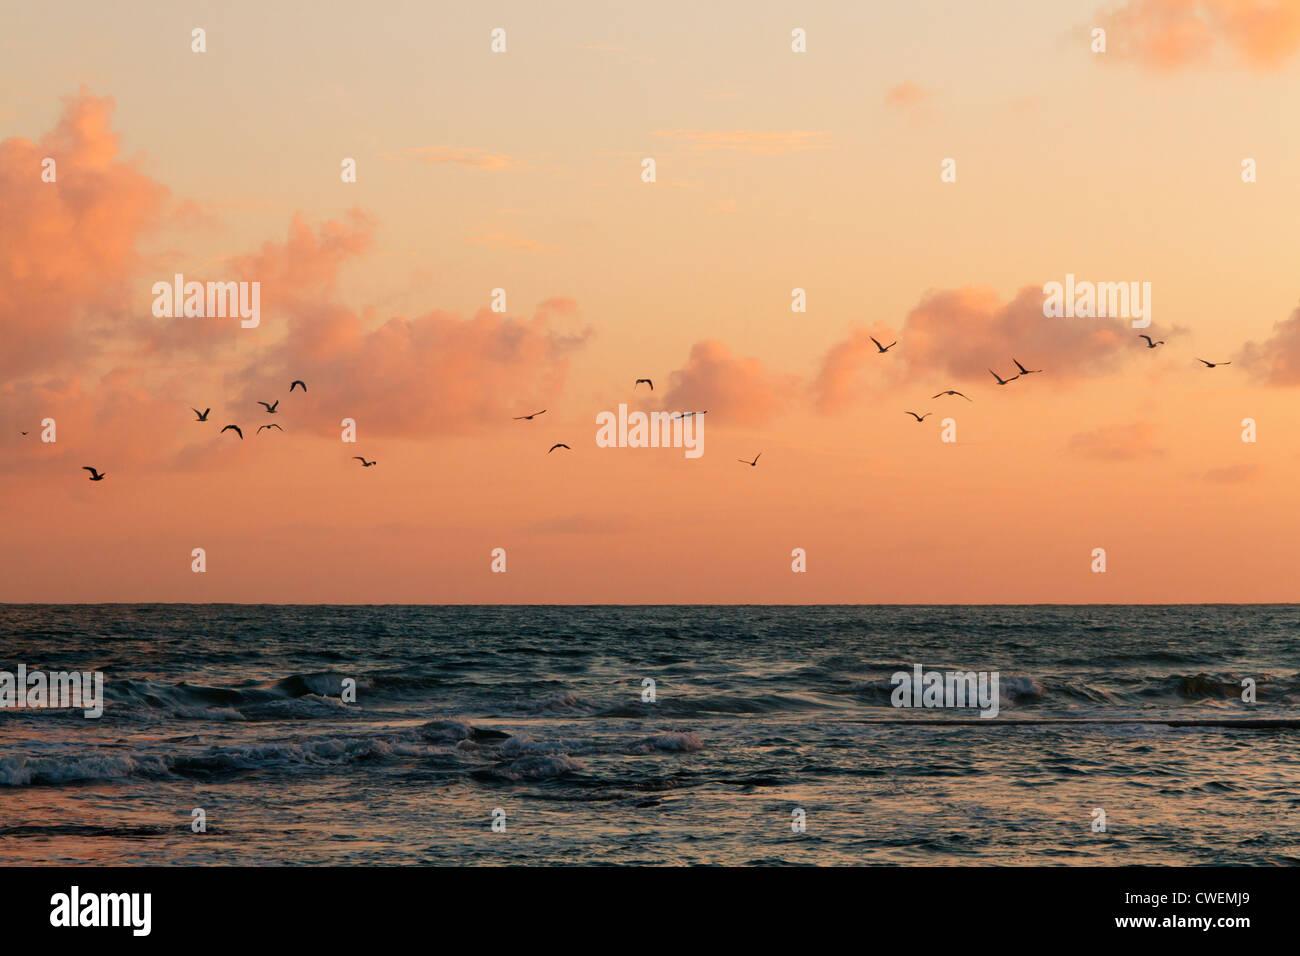 Les oiseaux voleront au-dessus de la mer au coucher du soleil, Les Sables d'Olonne, Pays de la Loire, France. Banque D'Images